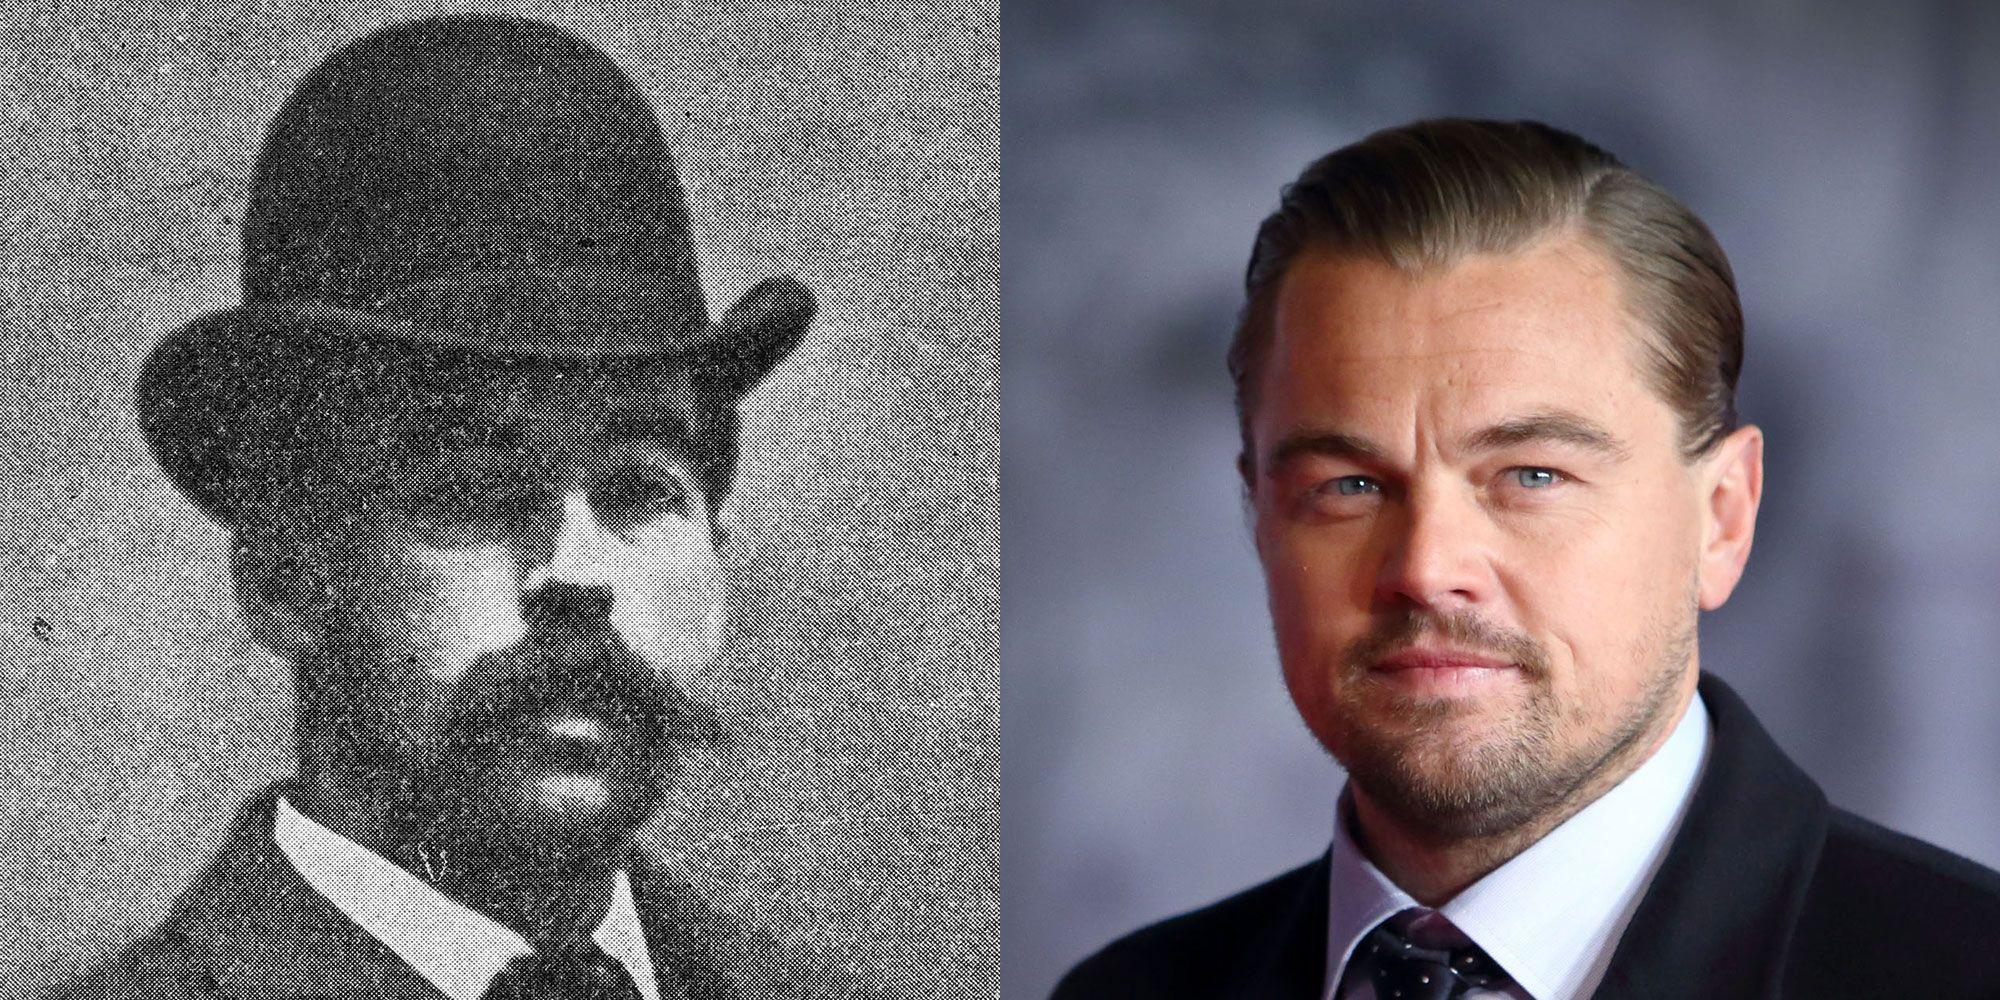 H.H. Holmes and Leonardo DiCaprio.